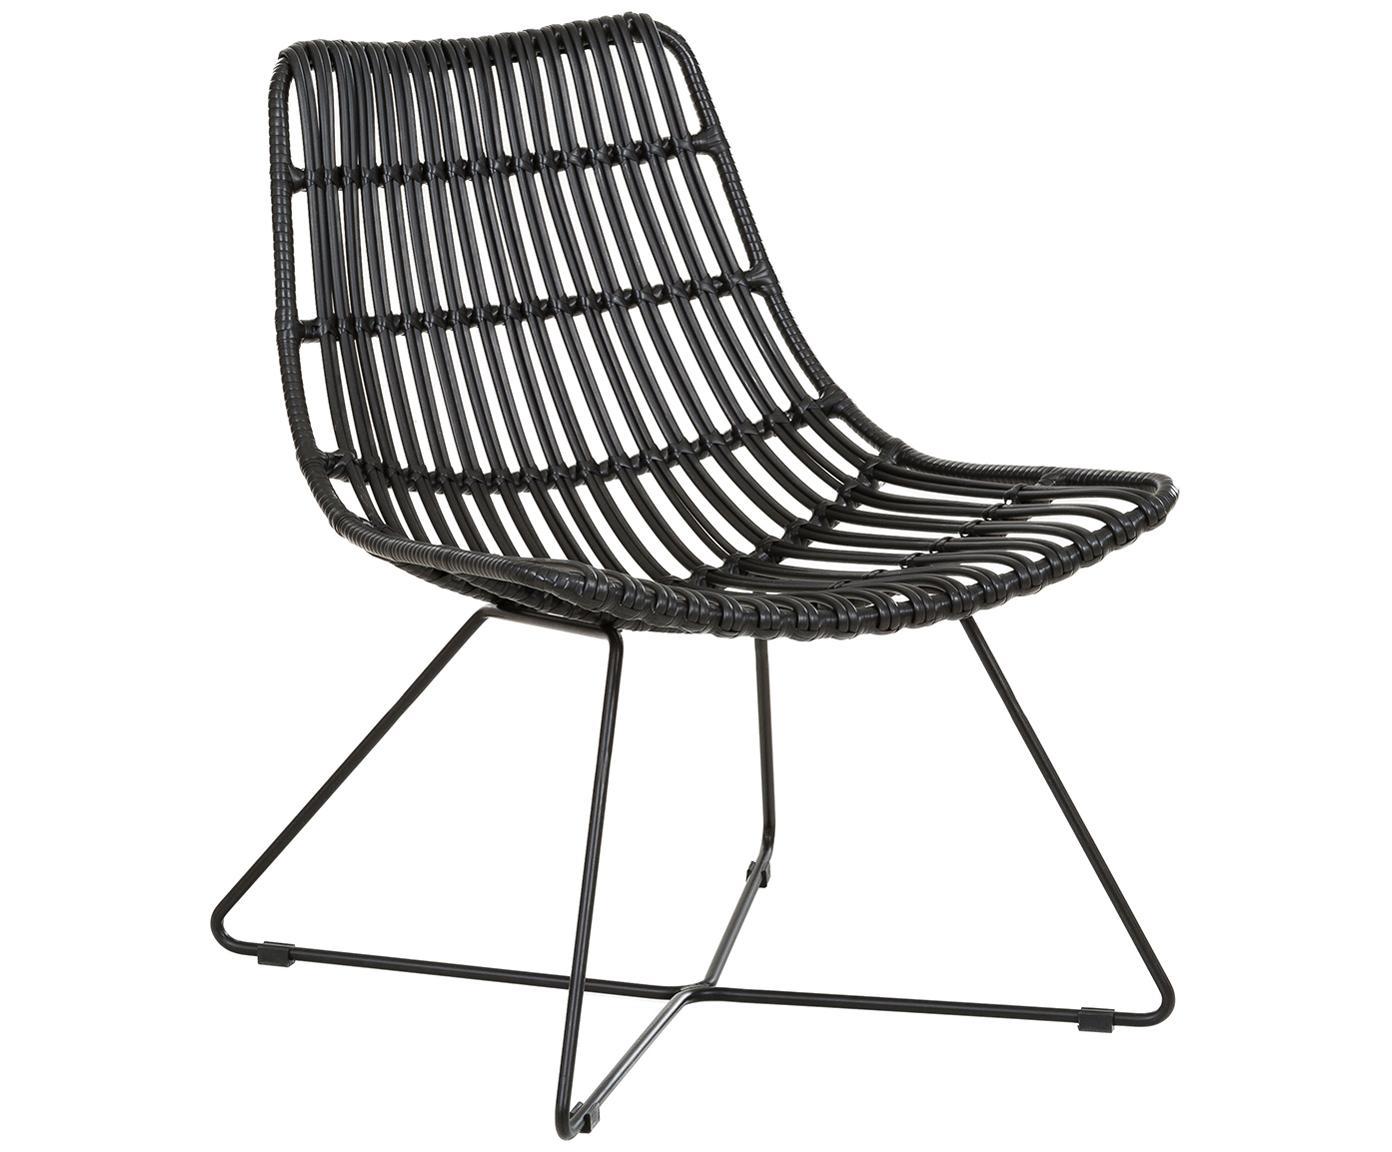 Sillón de mimbre Sola, Asiento: polietileno, Estructura: metal con pintura en polv, Negro, An 64 x F 64 cm